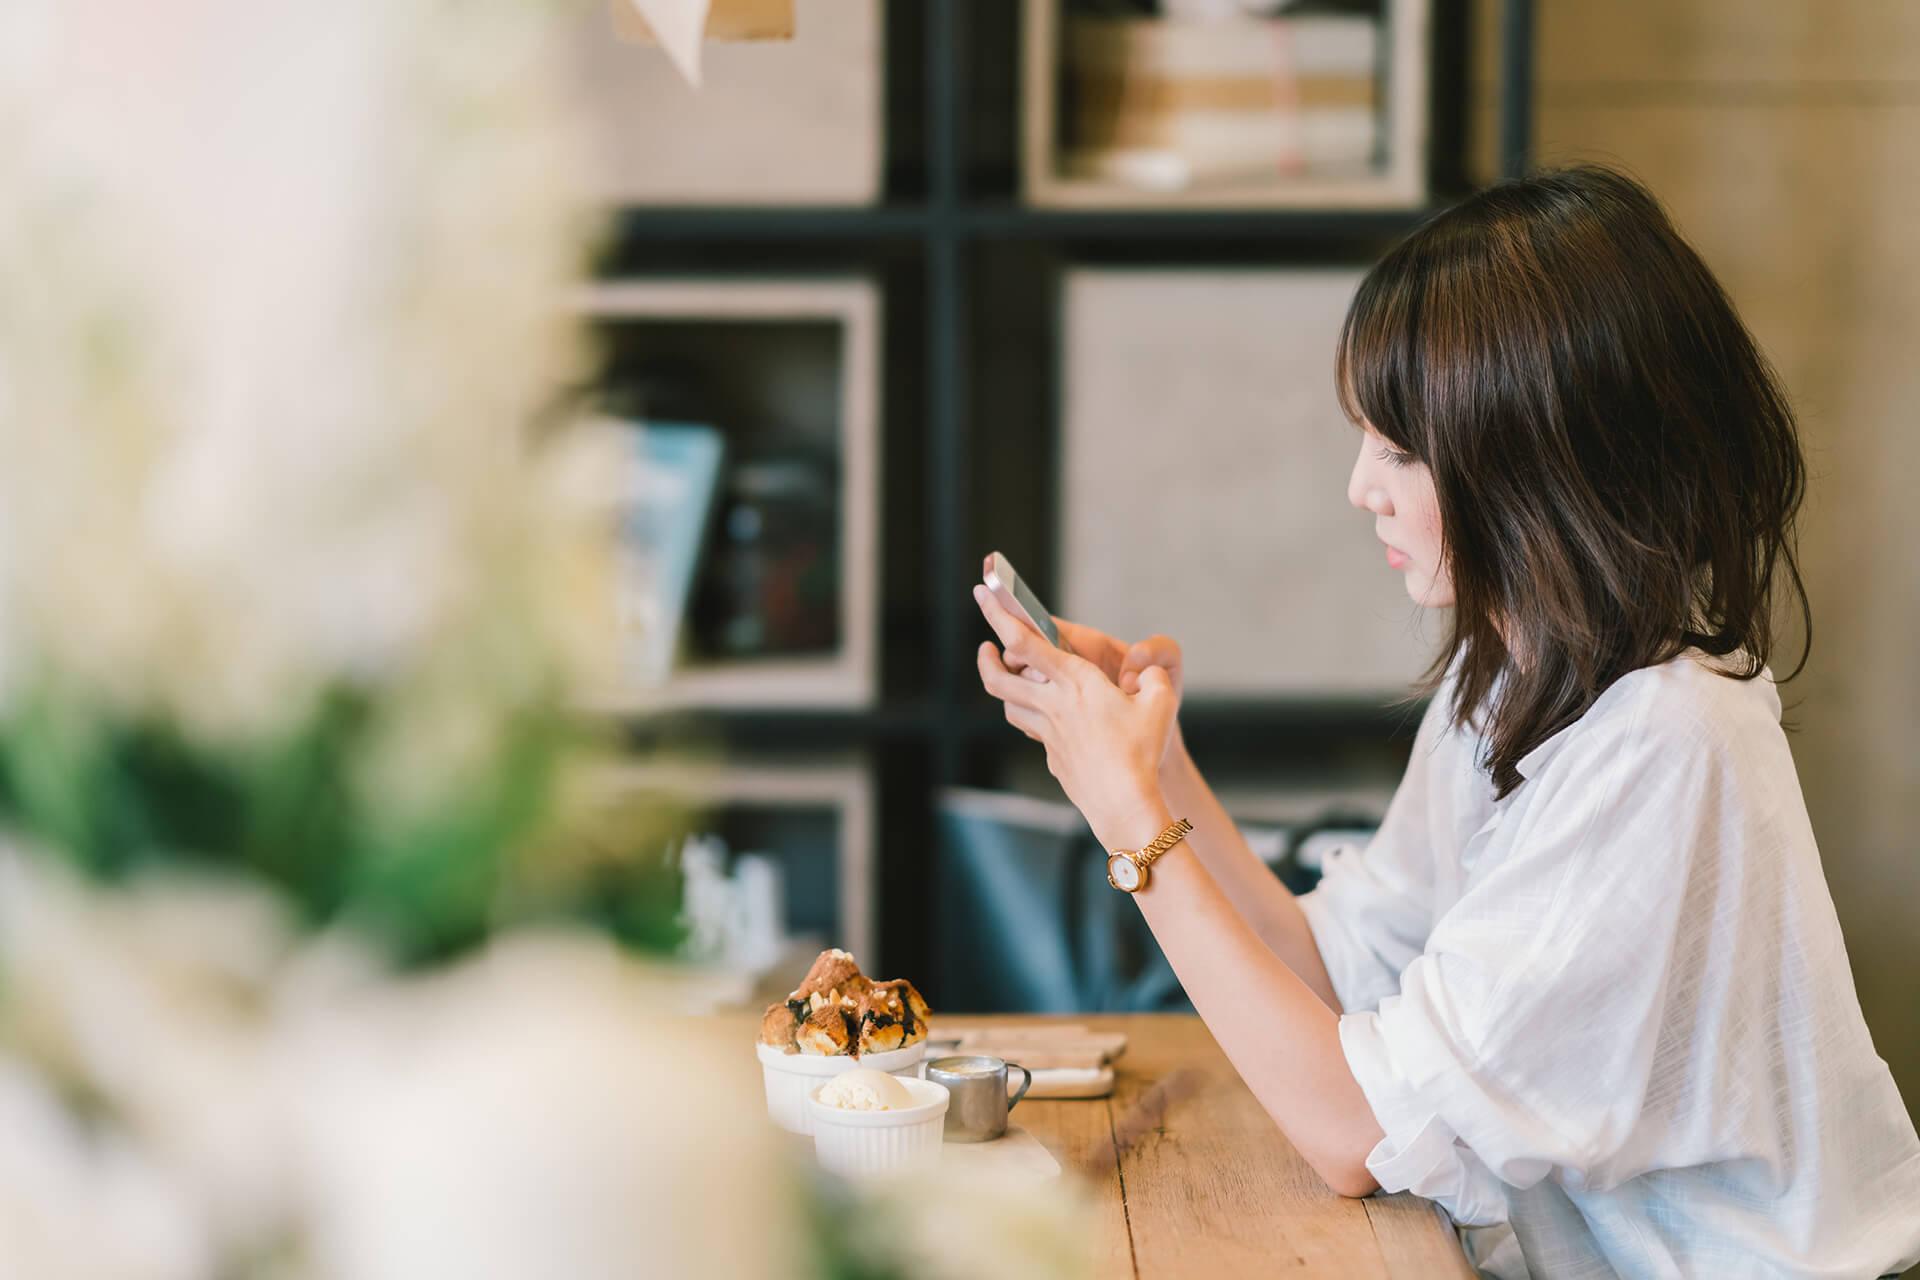 Frau sitzt im Café mit Handy